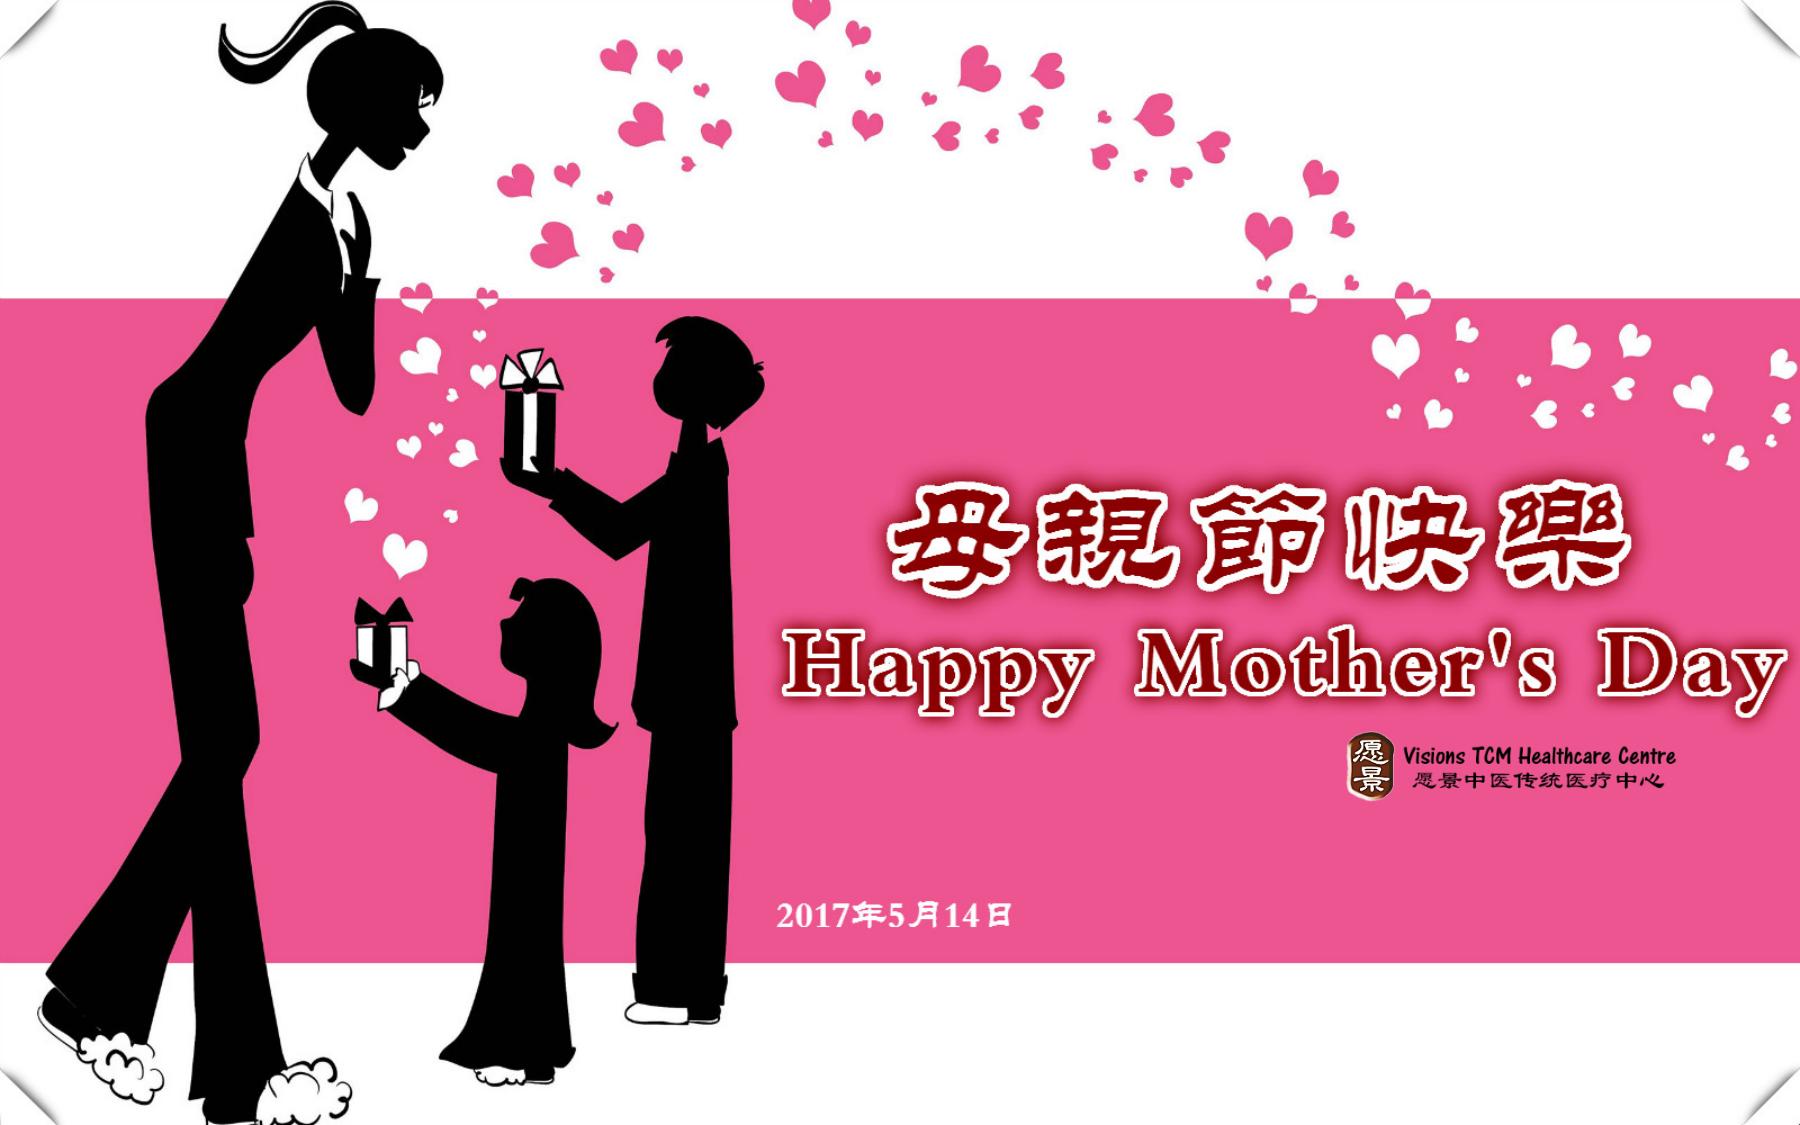 母亲节快乐!Happy Mother's Day!!!